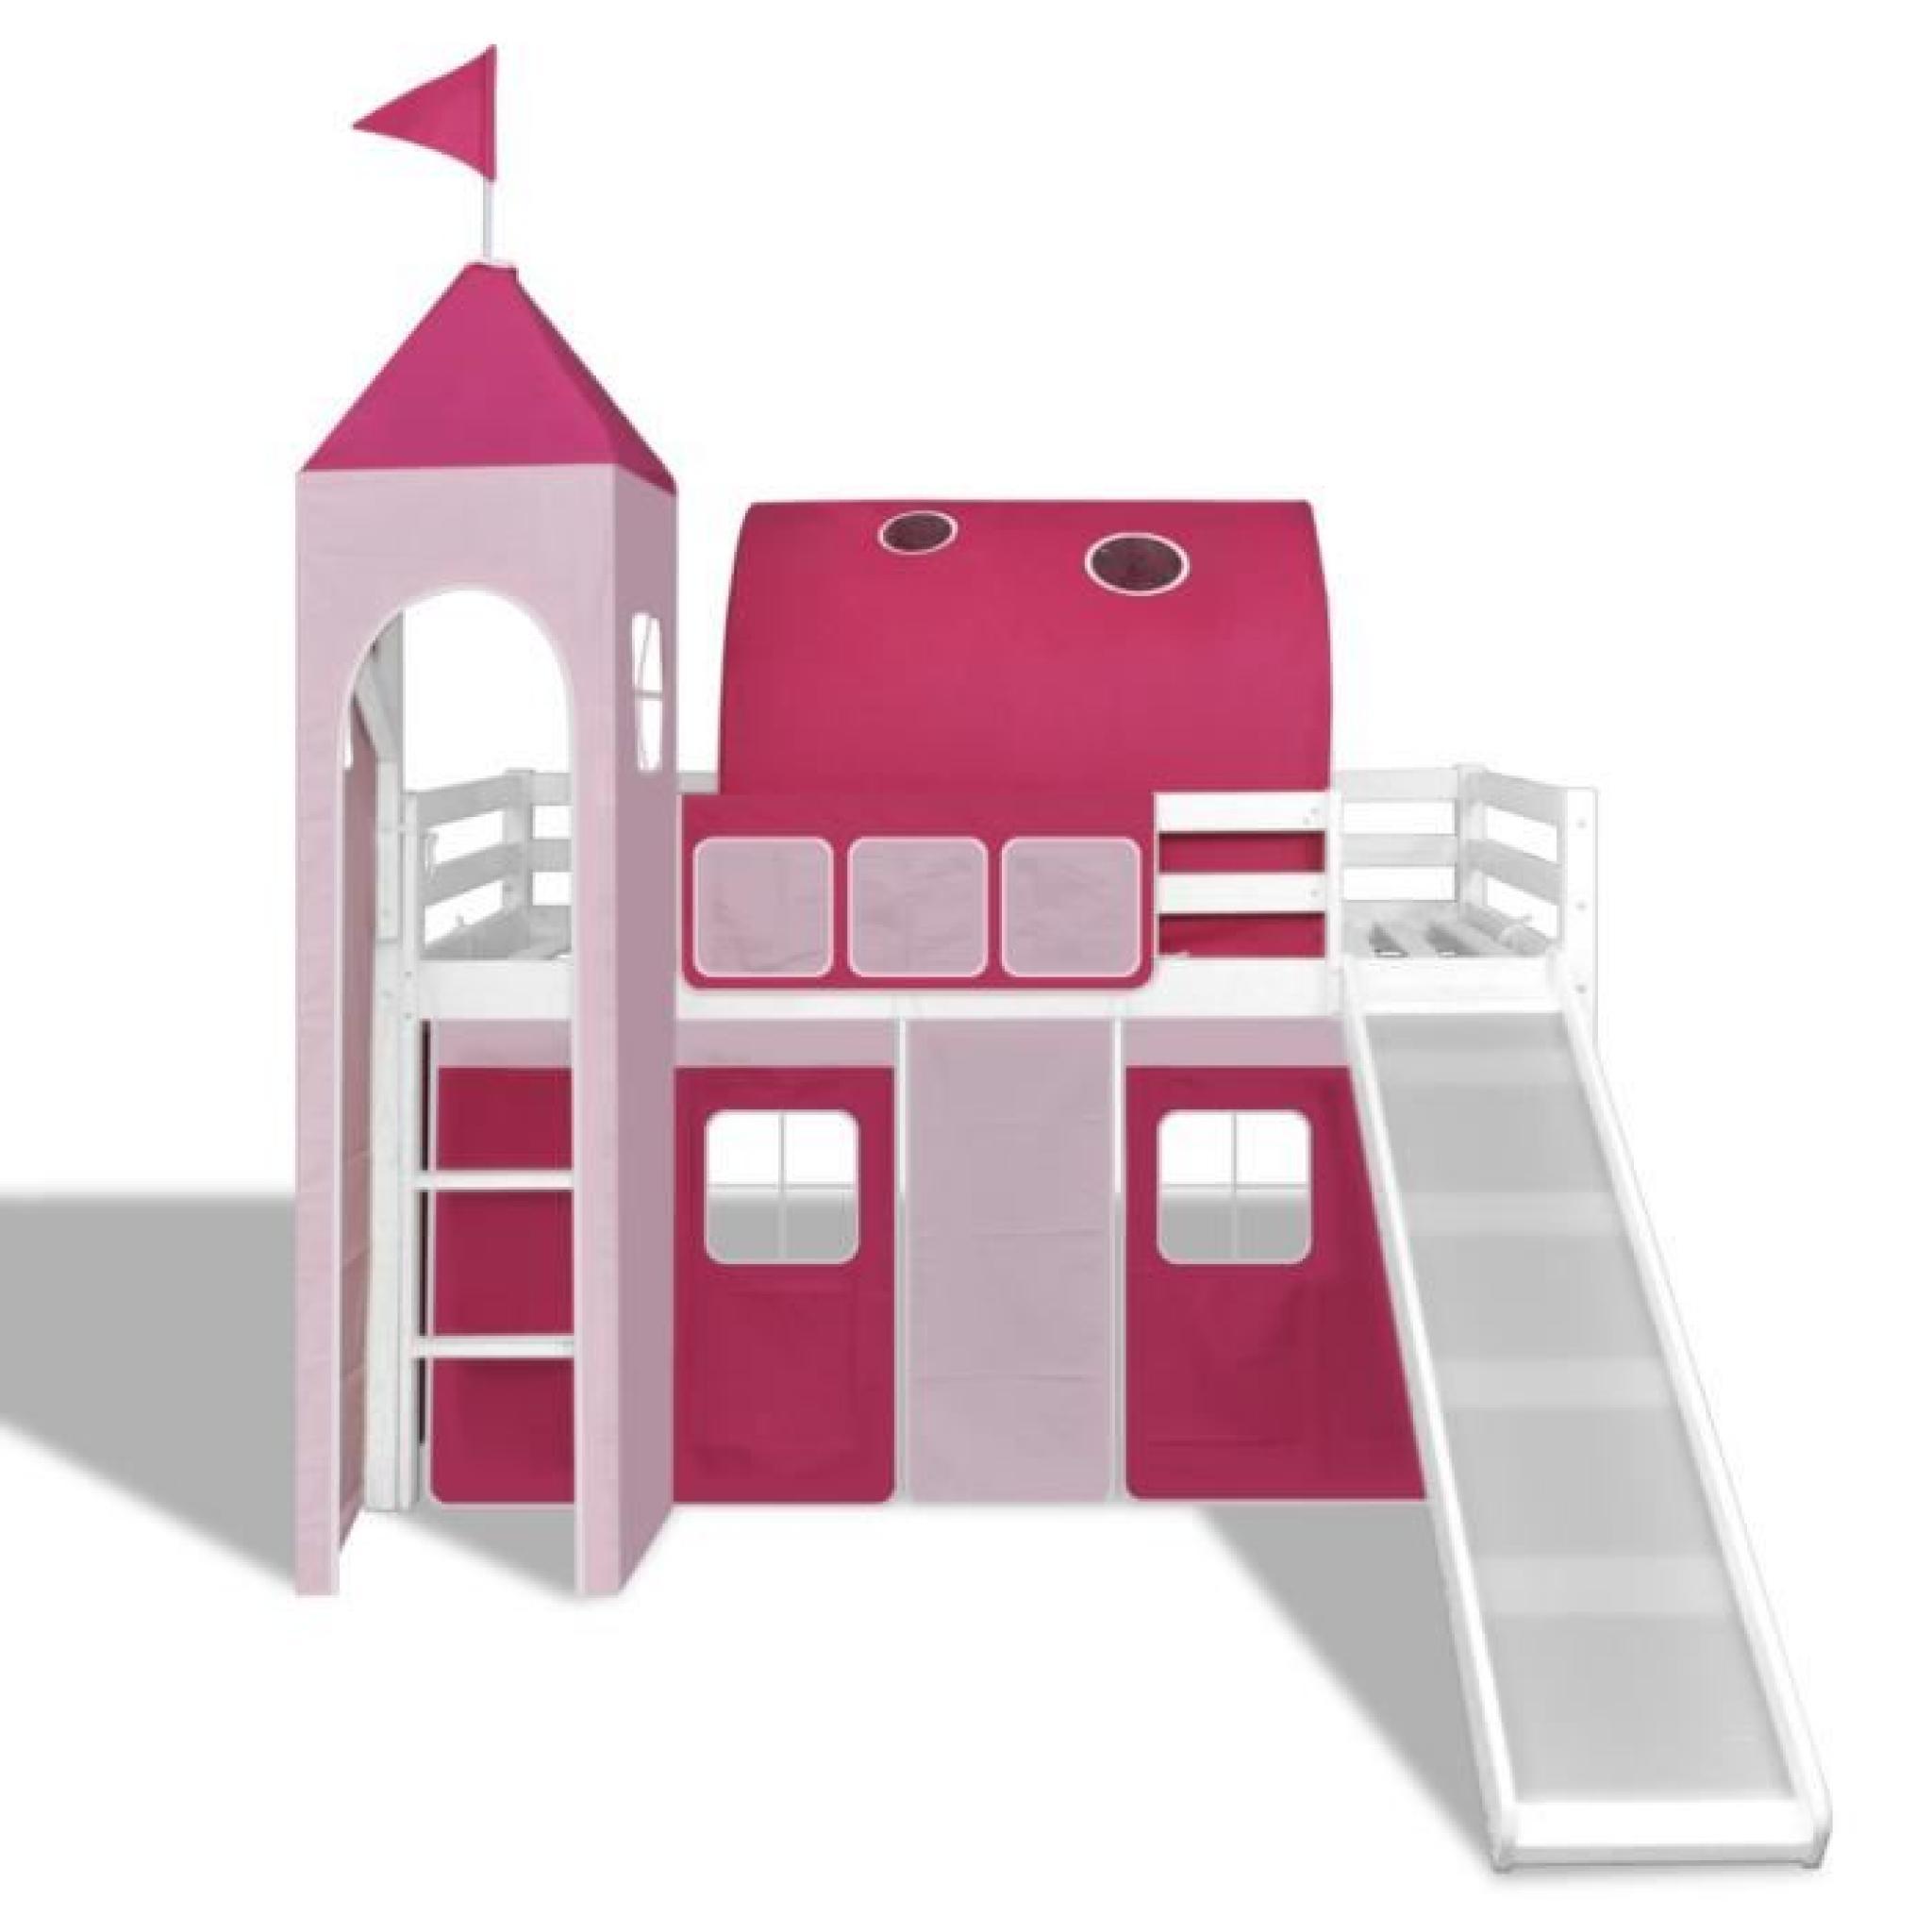 ce lit mezzanine avec son toboggan est id al pour les gar ons de conception du th me des. Black Bedroom Furniture Sets. Home Design Ideas